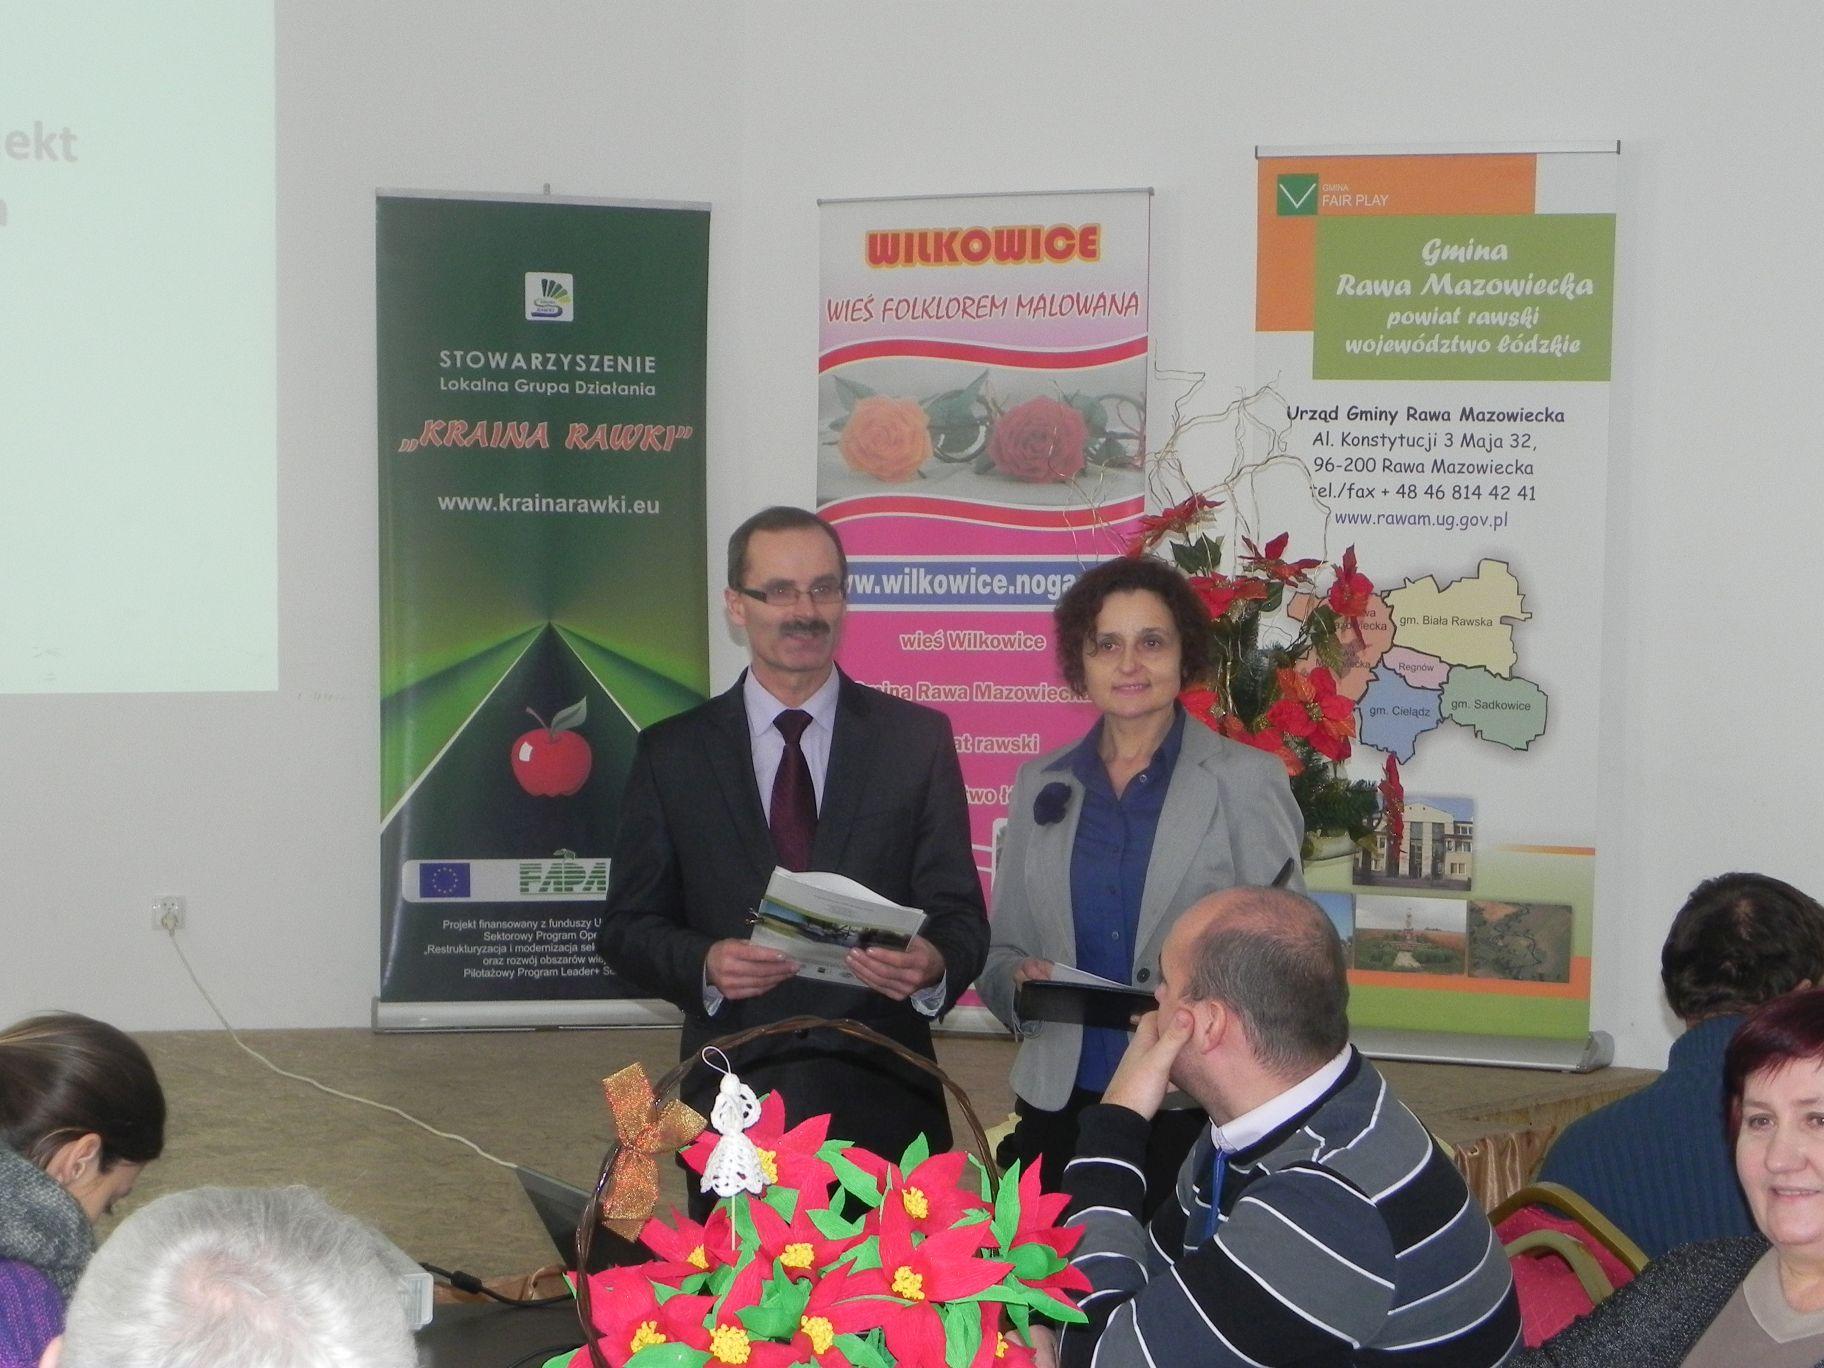 2012-12-14 Wilkowice - Konferencja Wioski tematyczne (79)